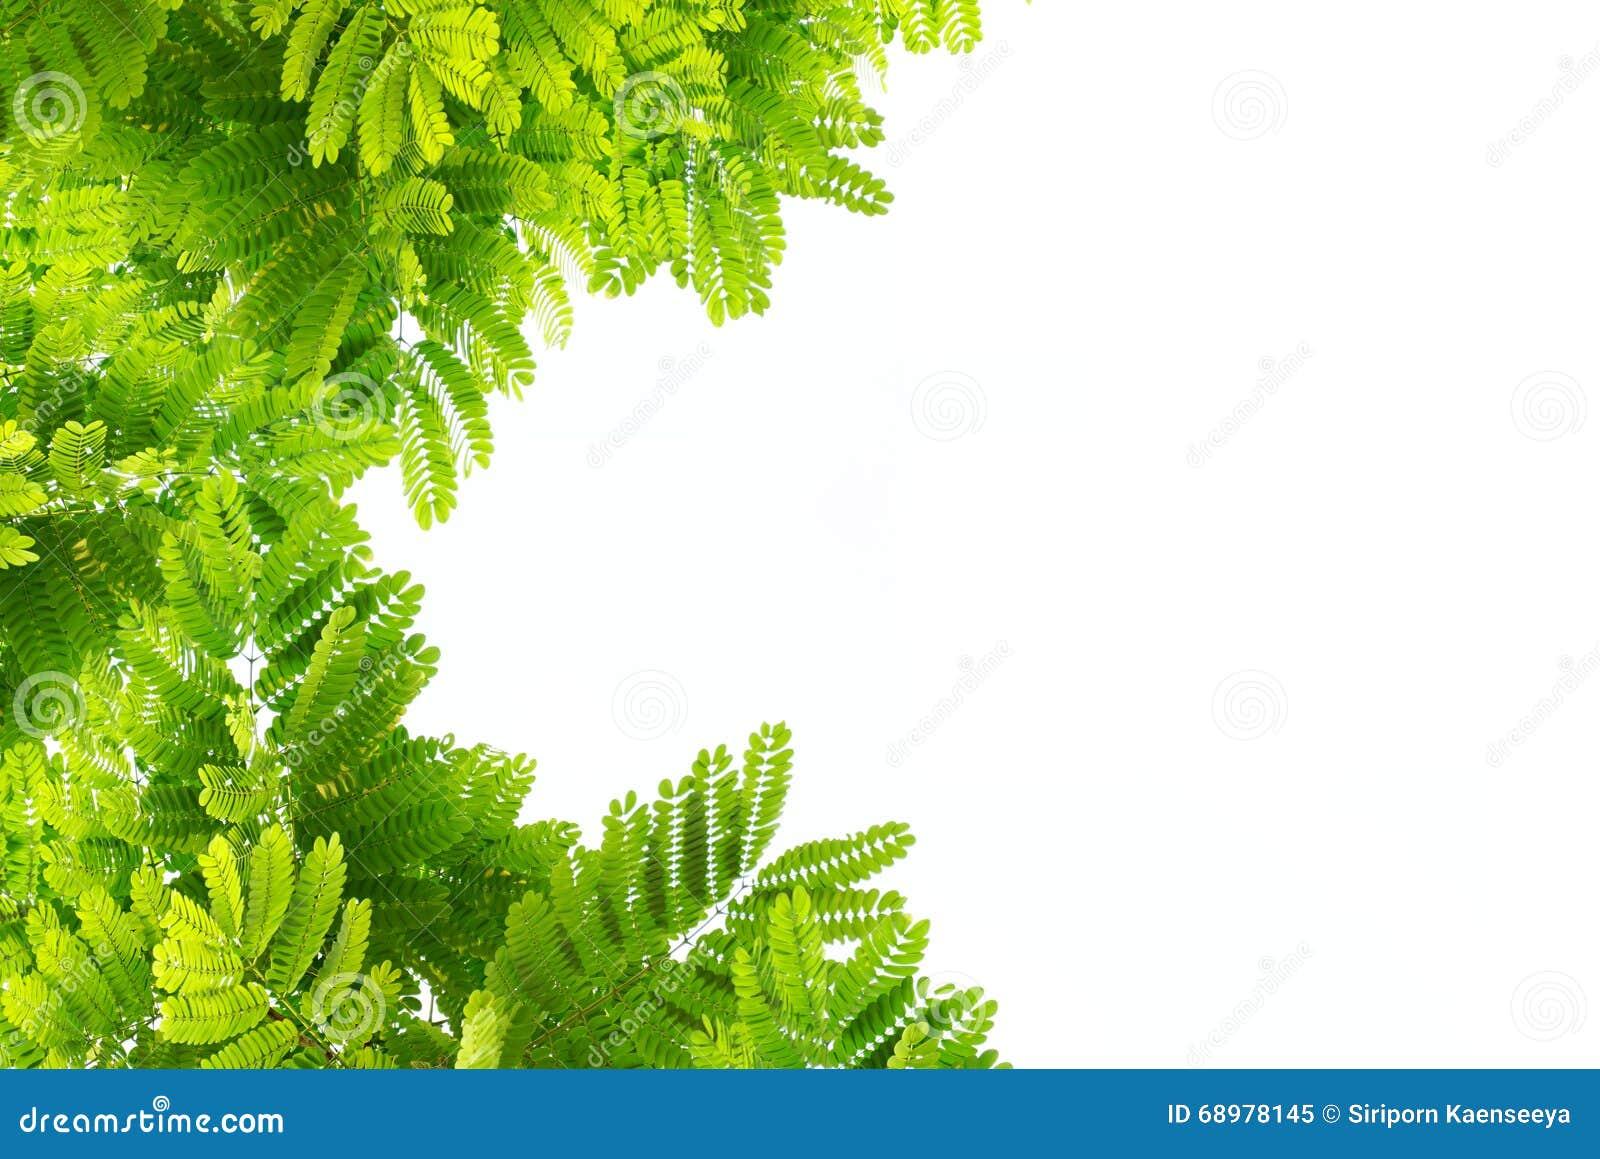 Grün lässt Natur auf weißem Isolat